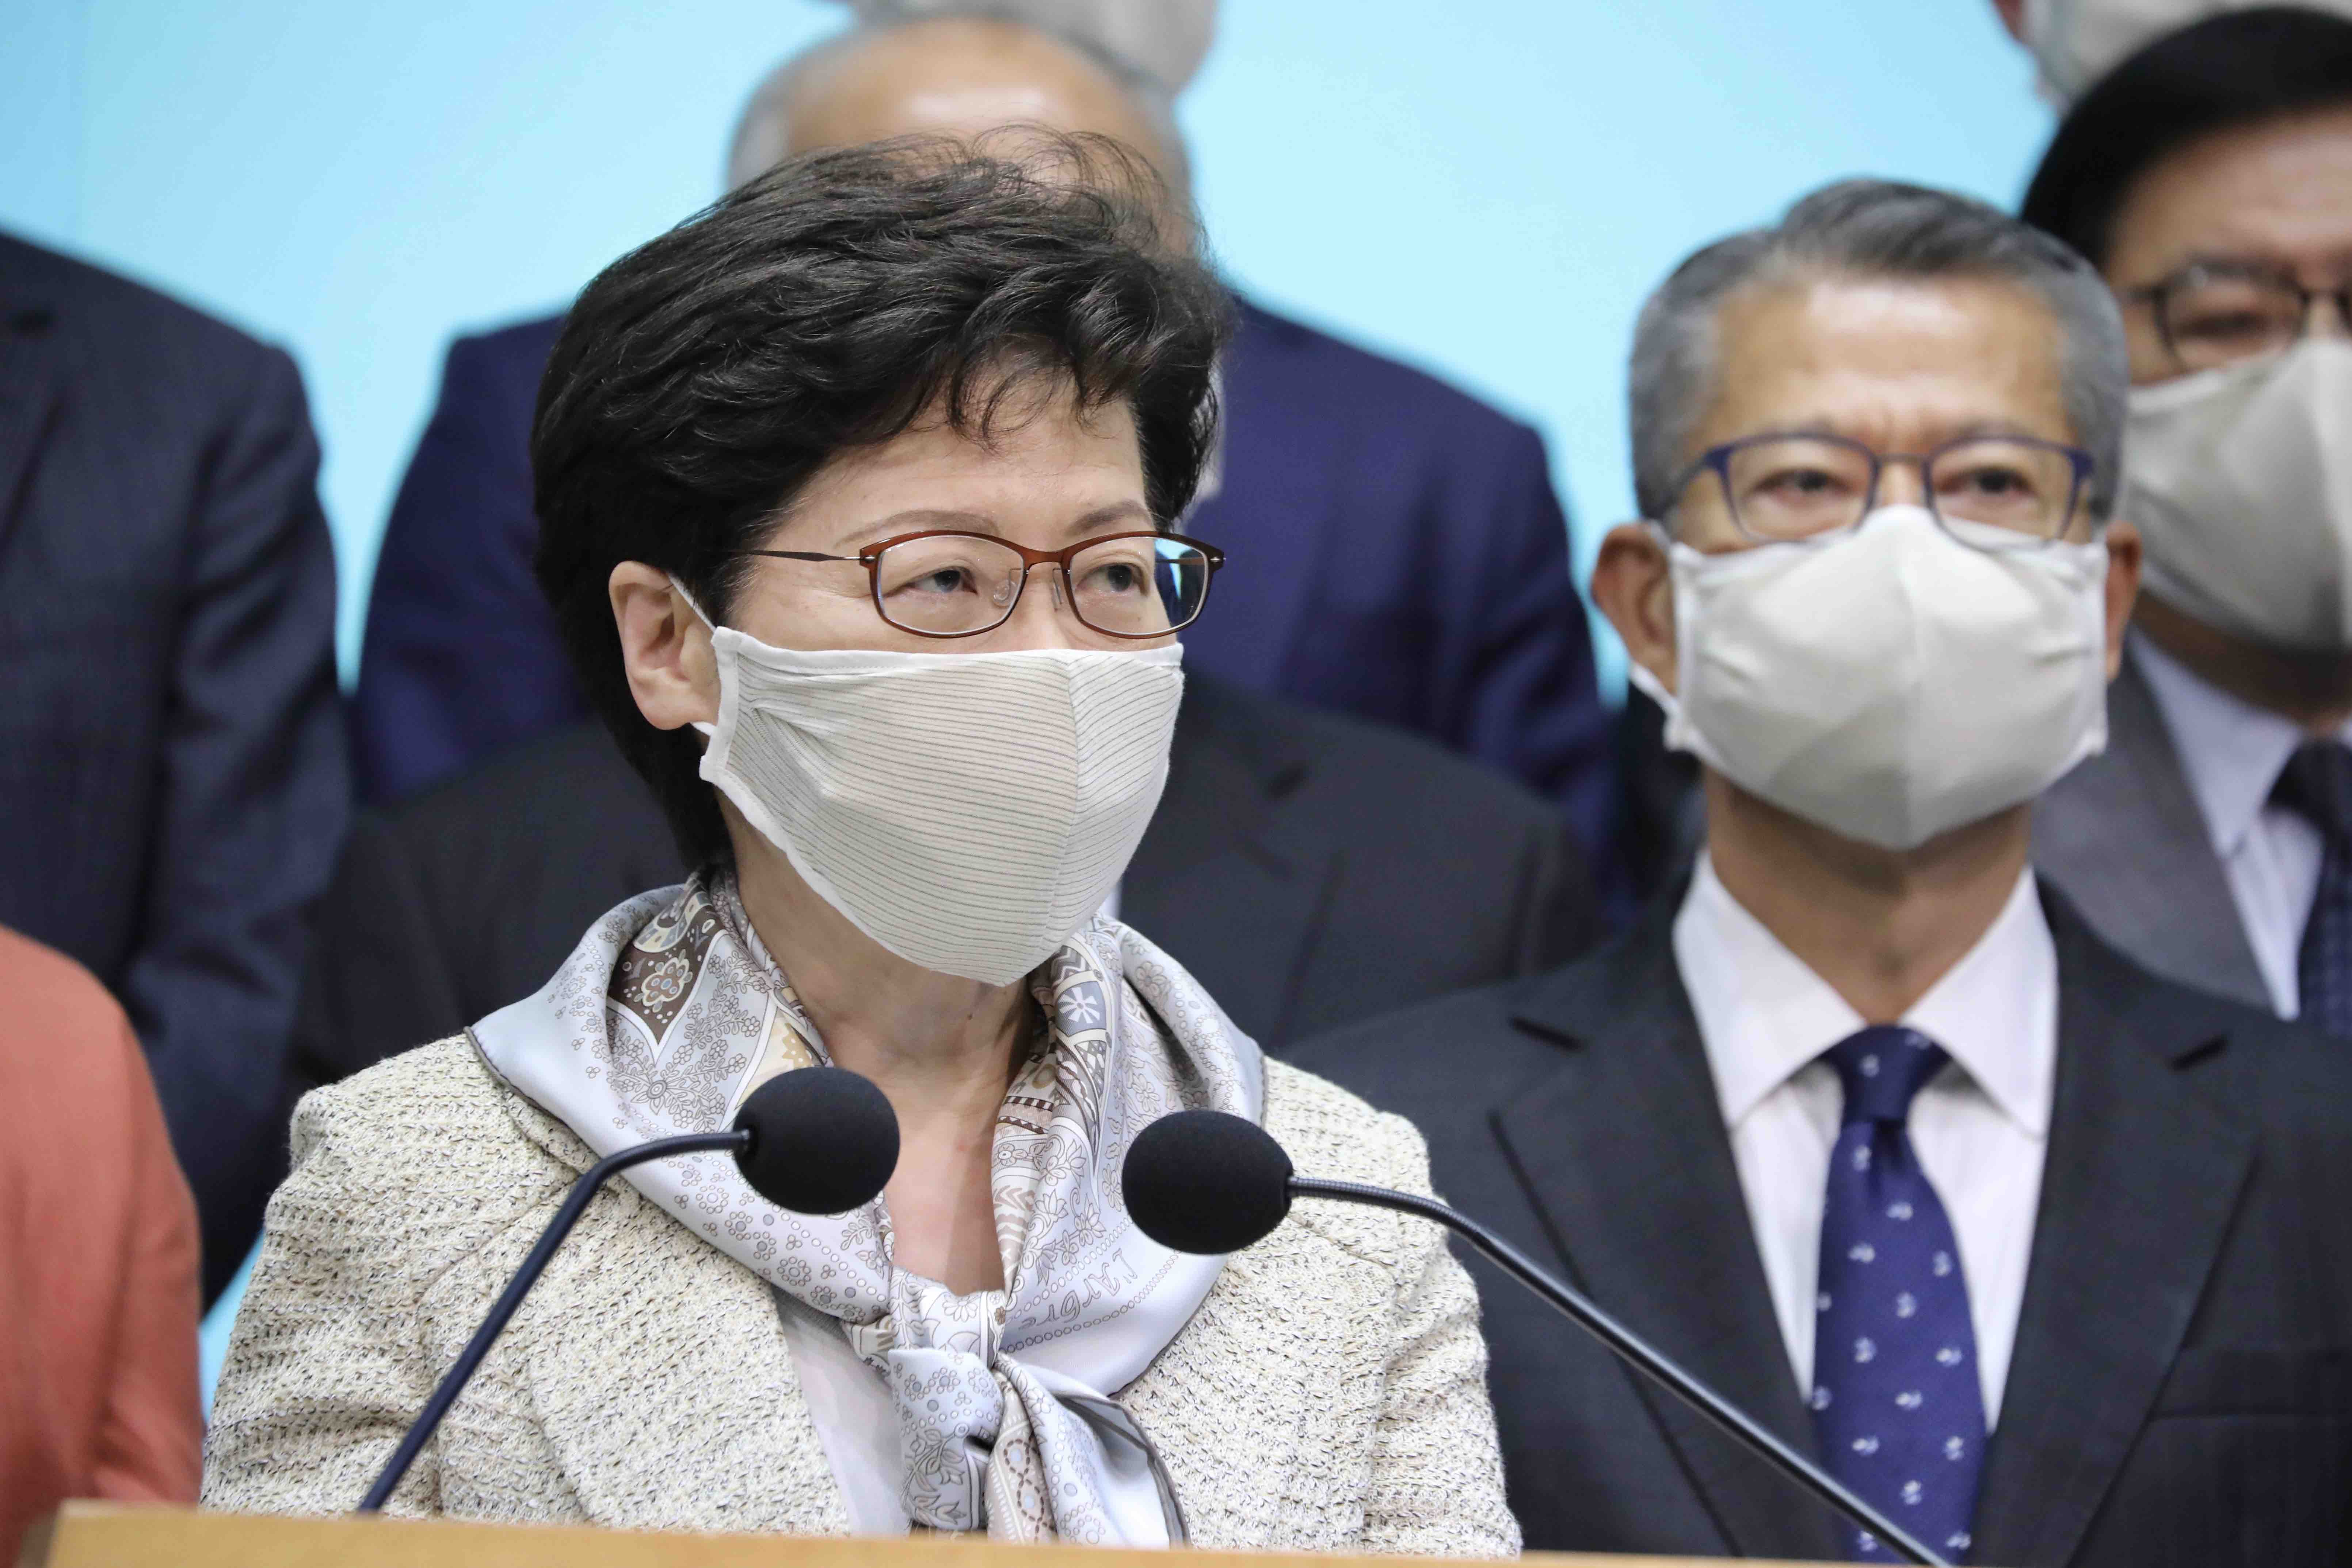 林鄭月娥坦言,看不到香港將來會自行進行23條立法。(大公文匯全媒體記者李斯哲攝)